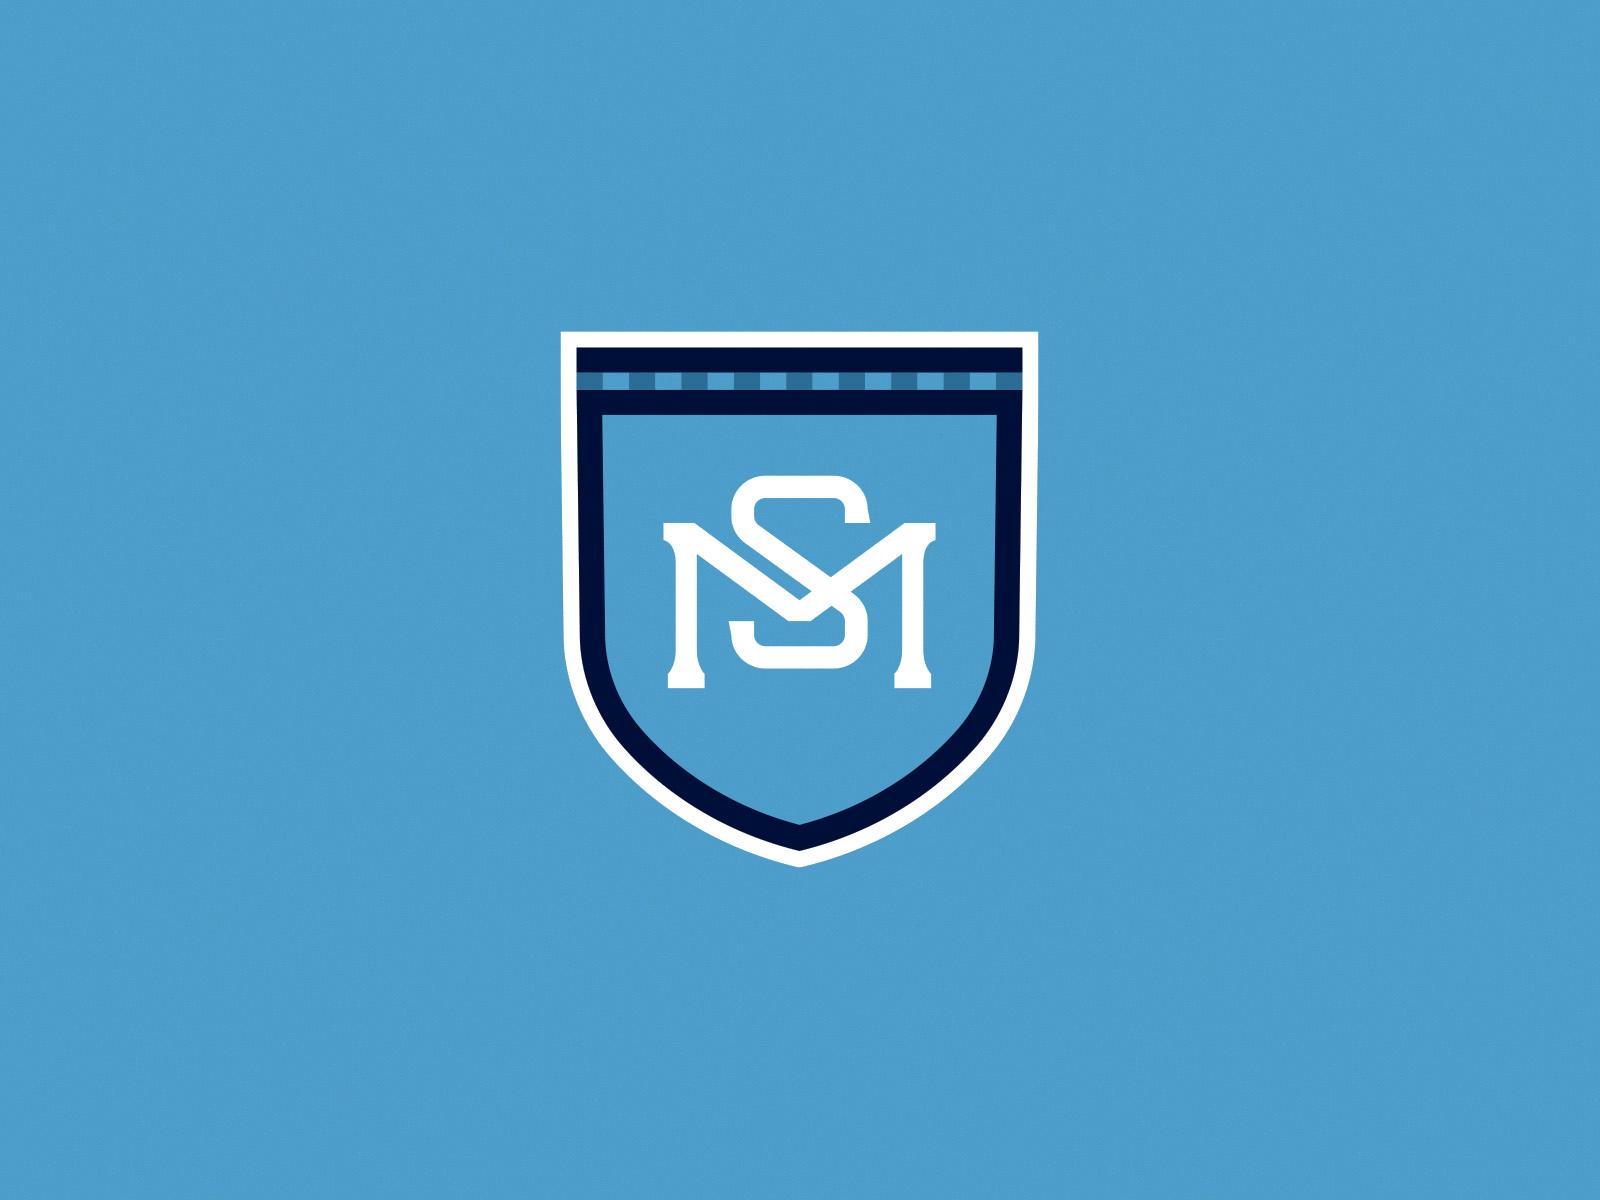 SM Monogram Shield